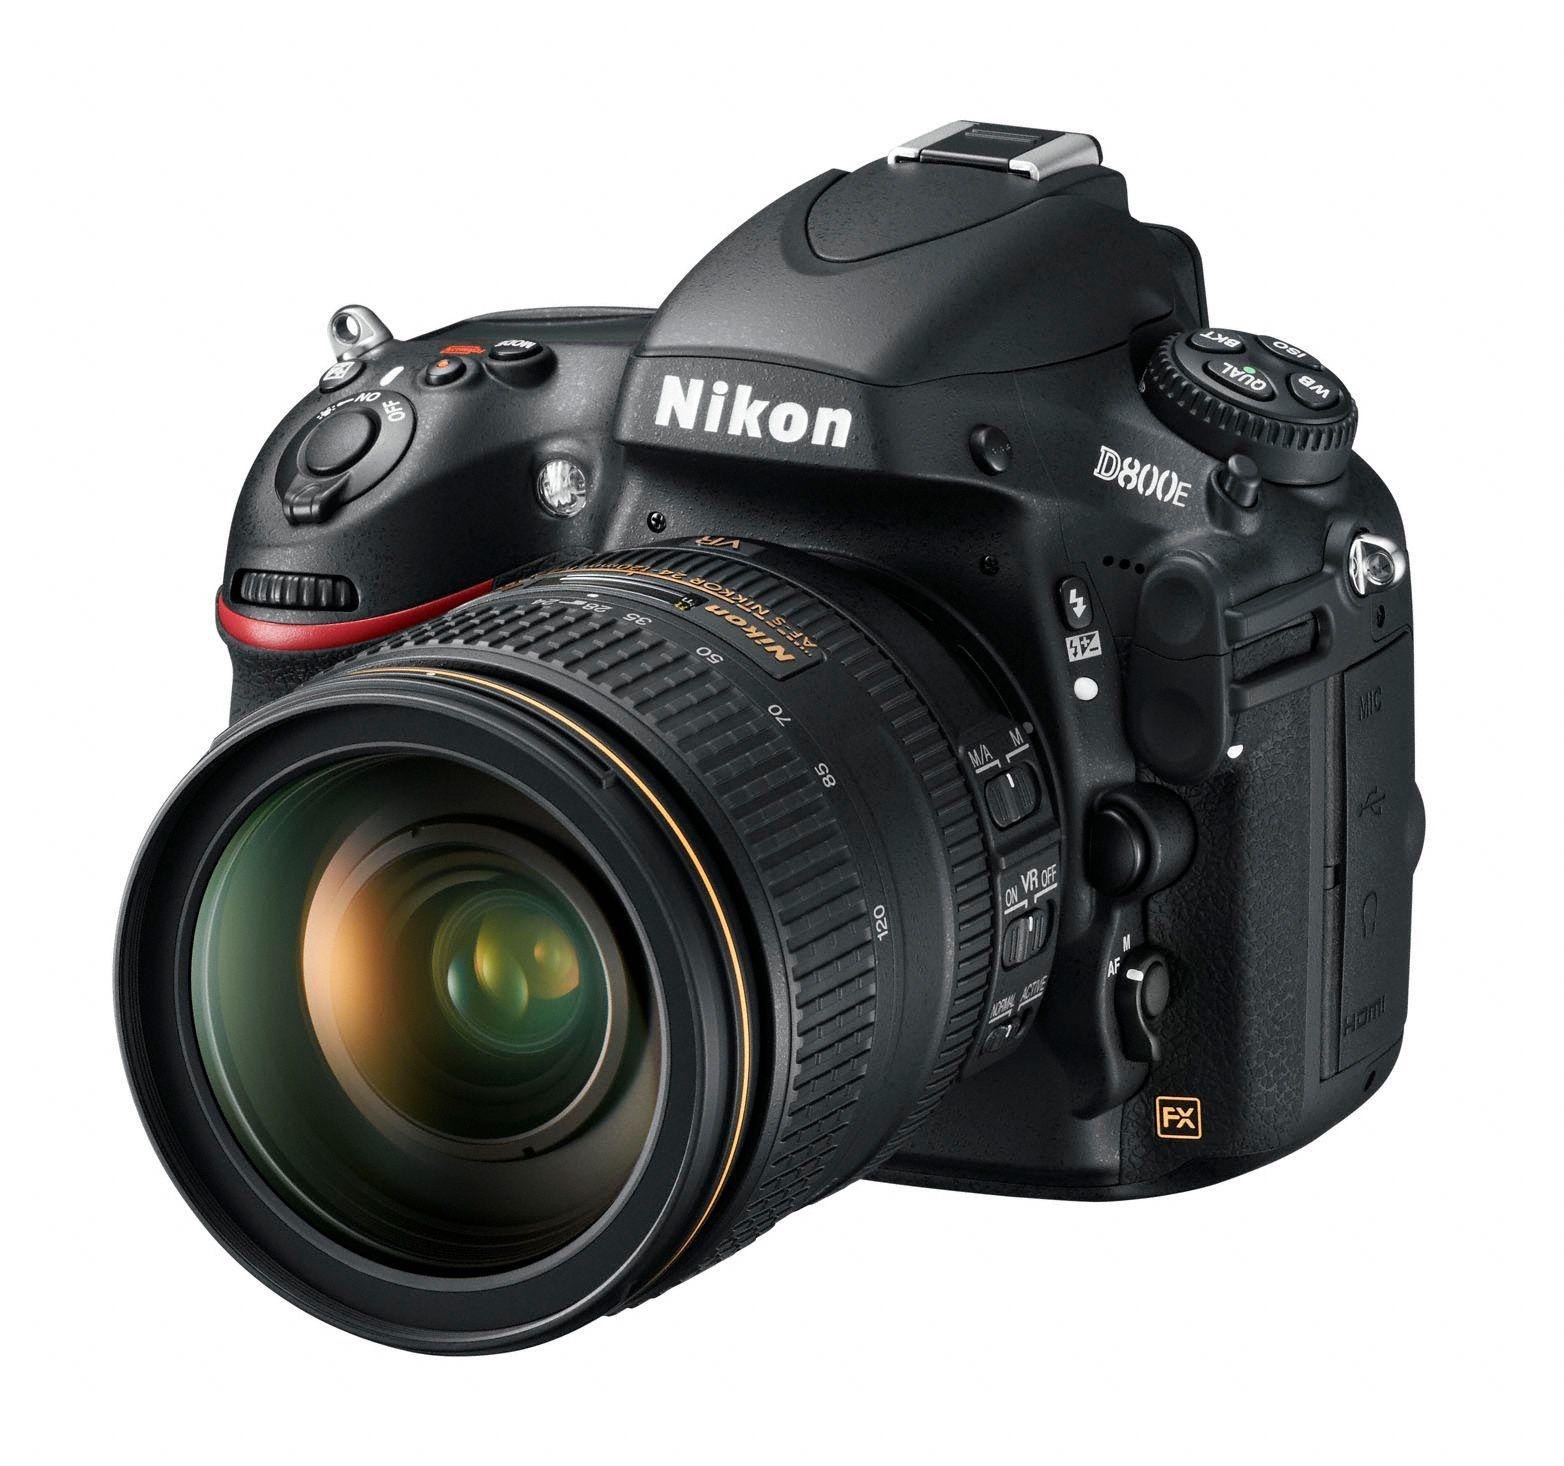 Nikon D800.